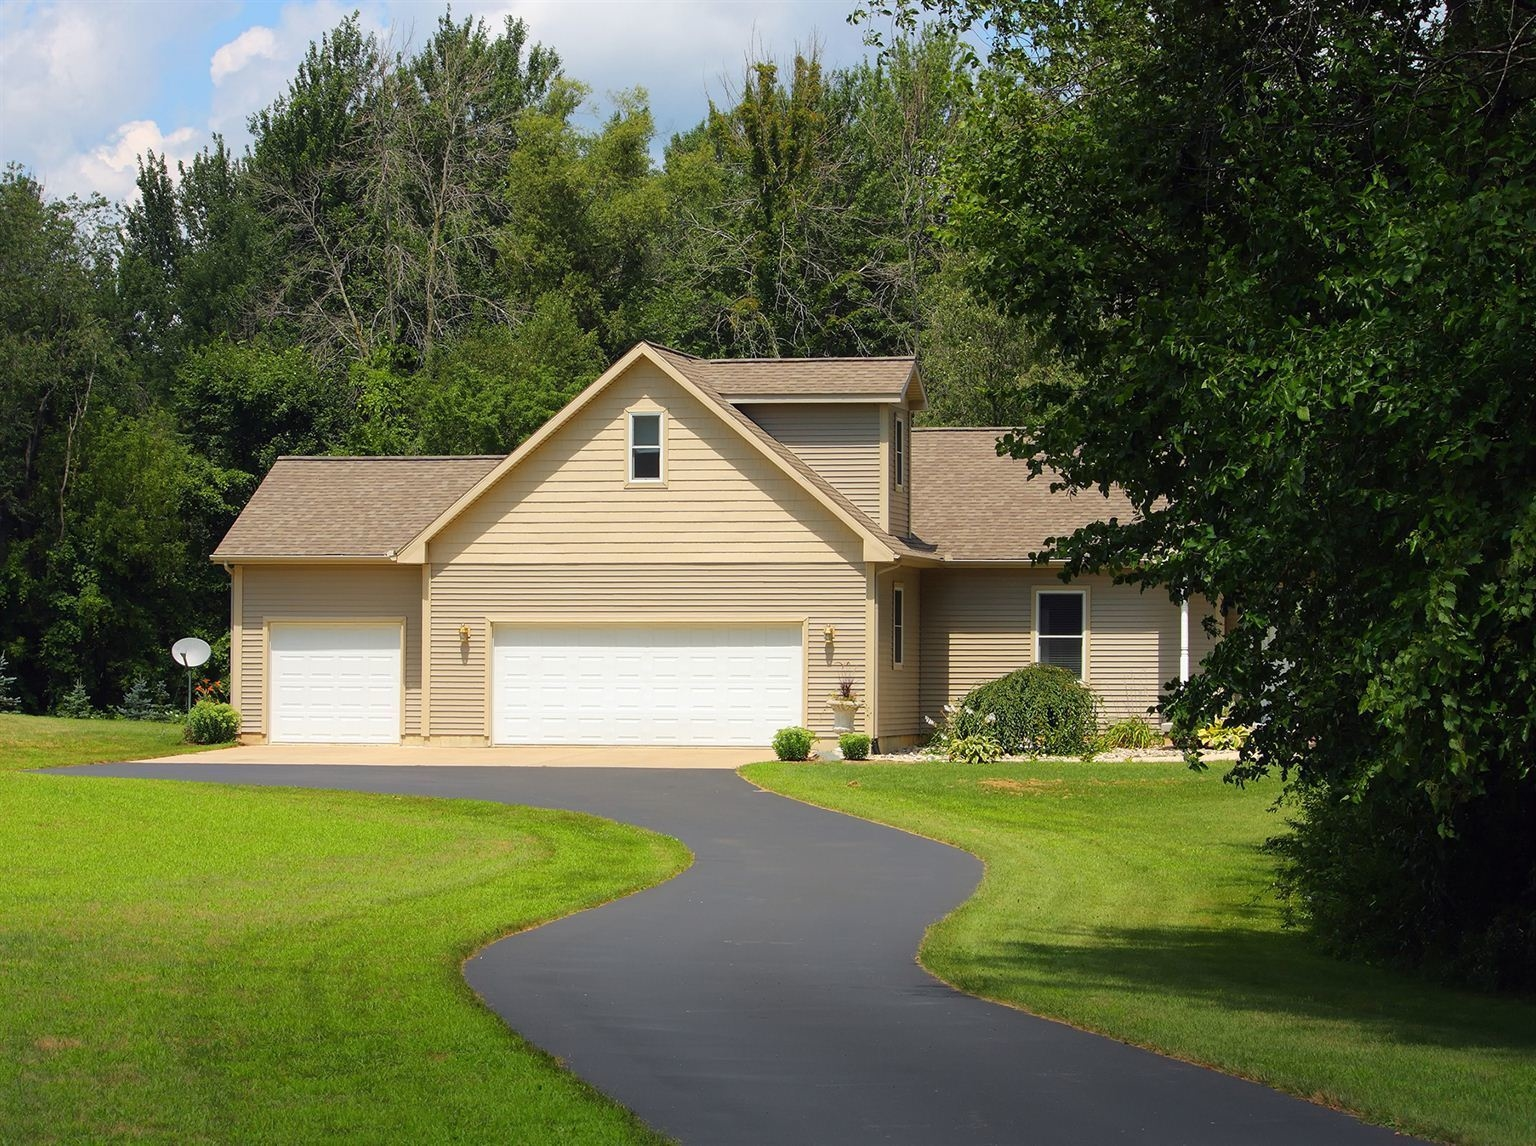 Refaire Une Cour En Gravier conseils pour asphalter son entrée de garage | protégez-vous.ca